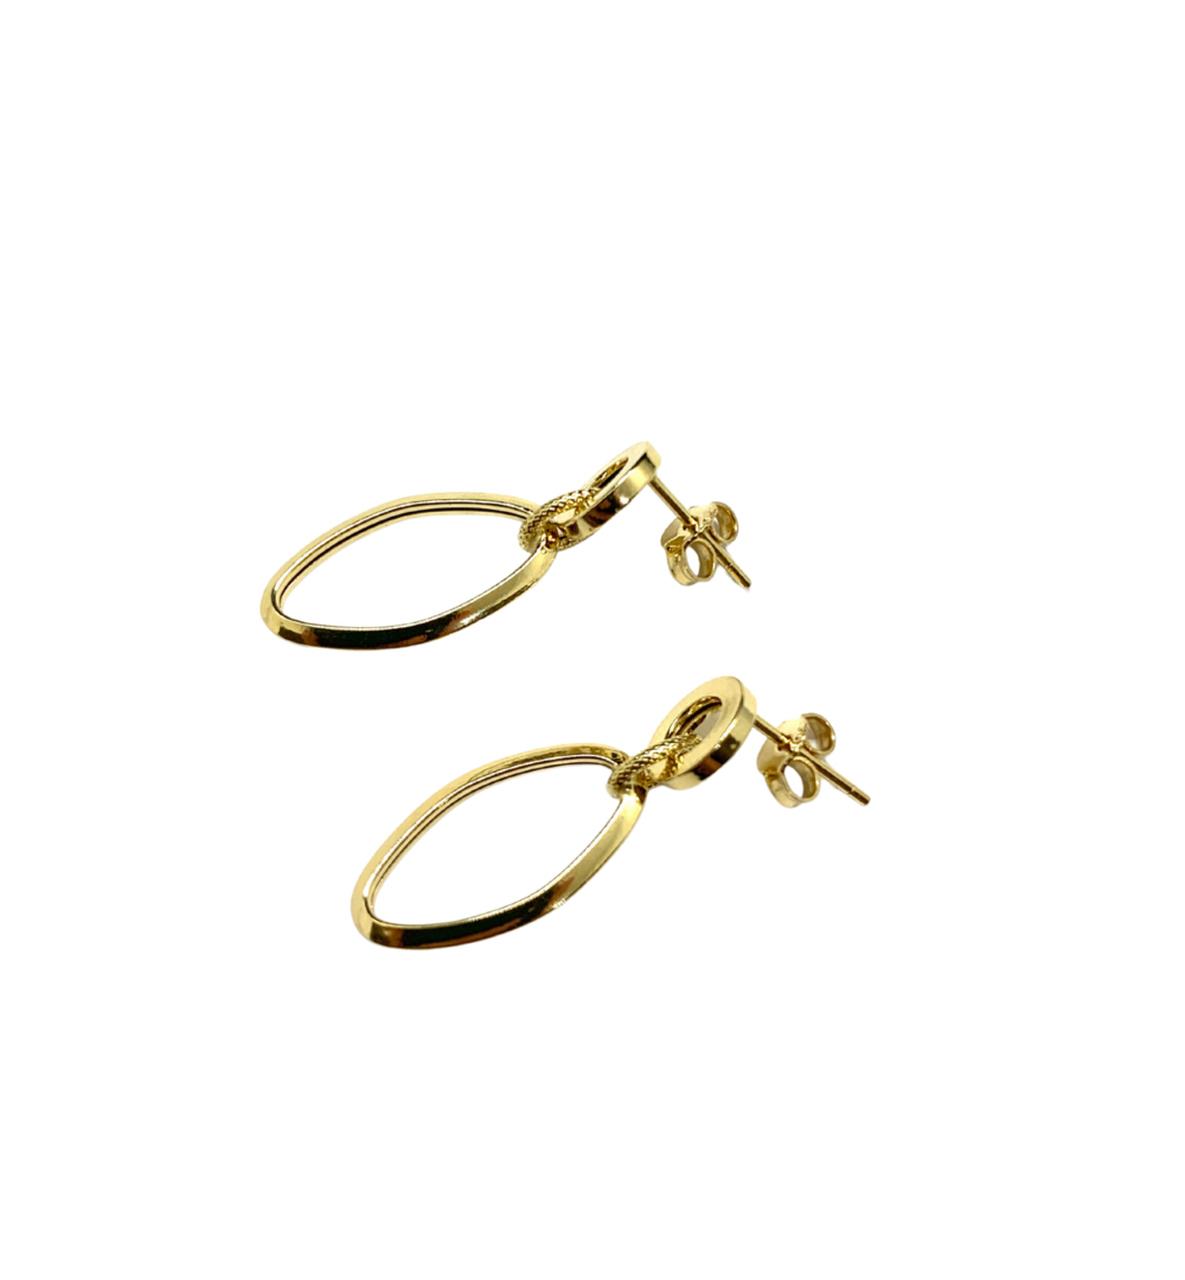 Brinco Ouro 18k Elo Oval Jjoias Premium